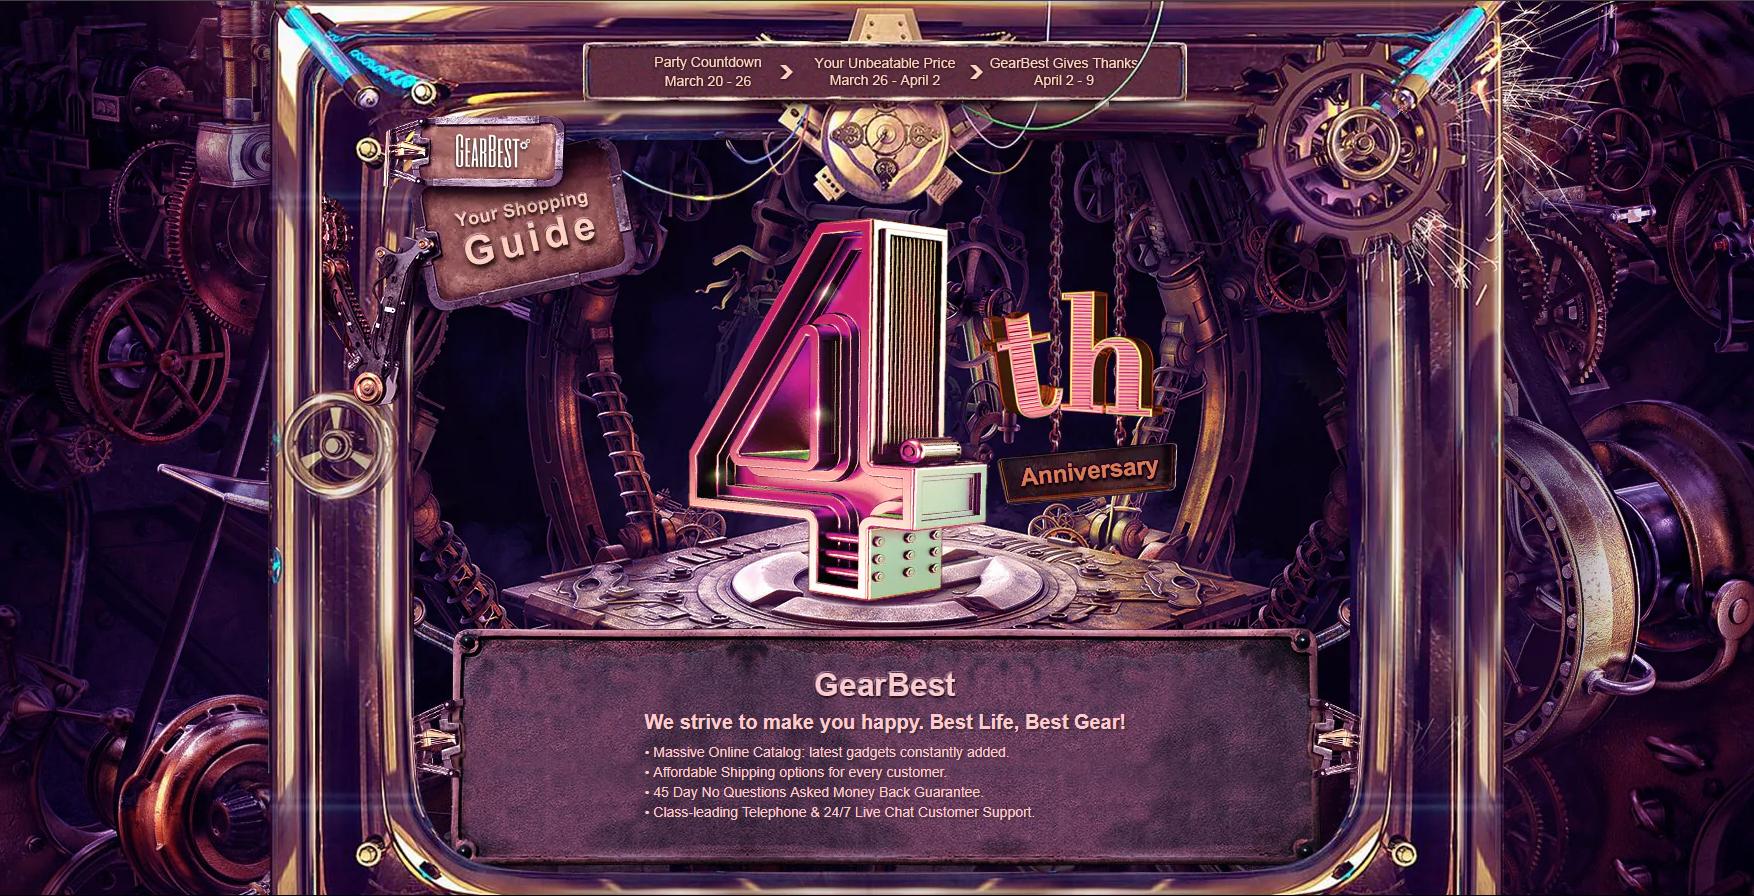 rocznica gearbest 4